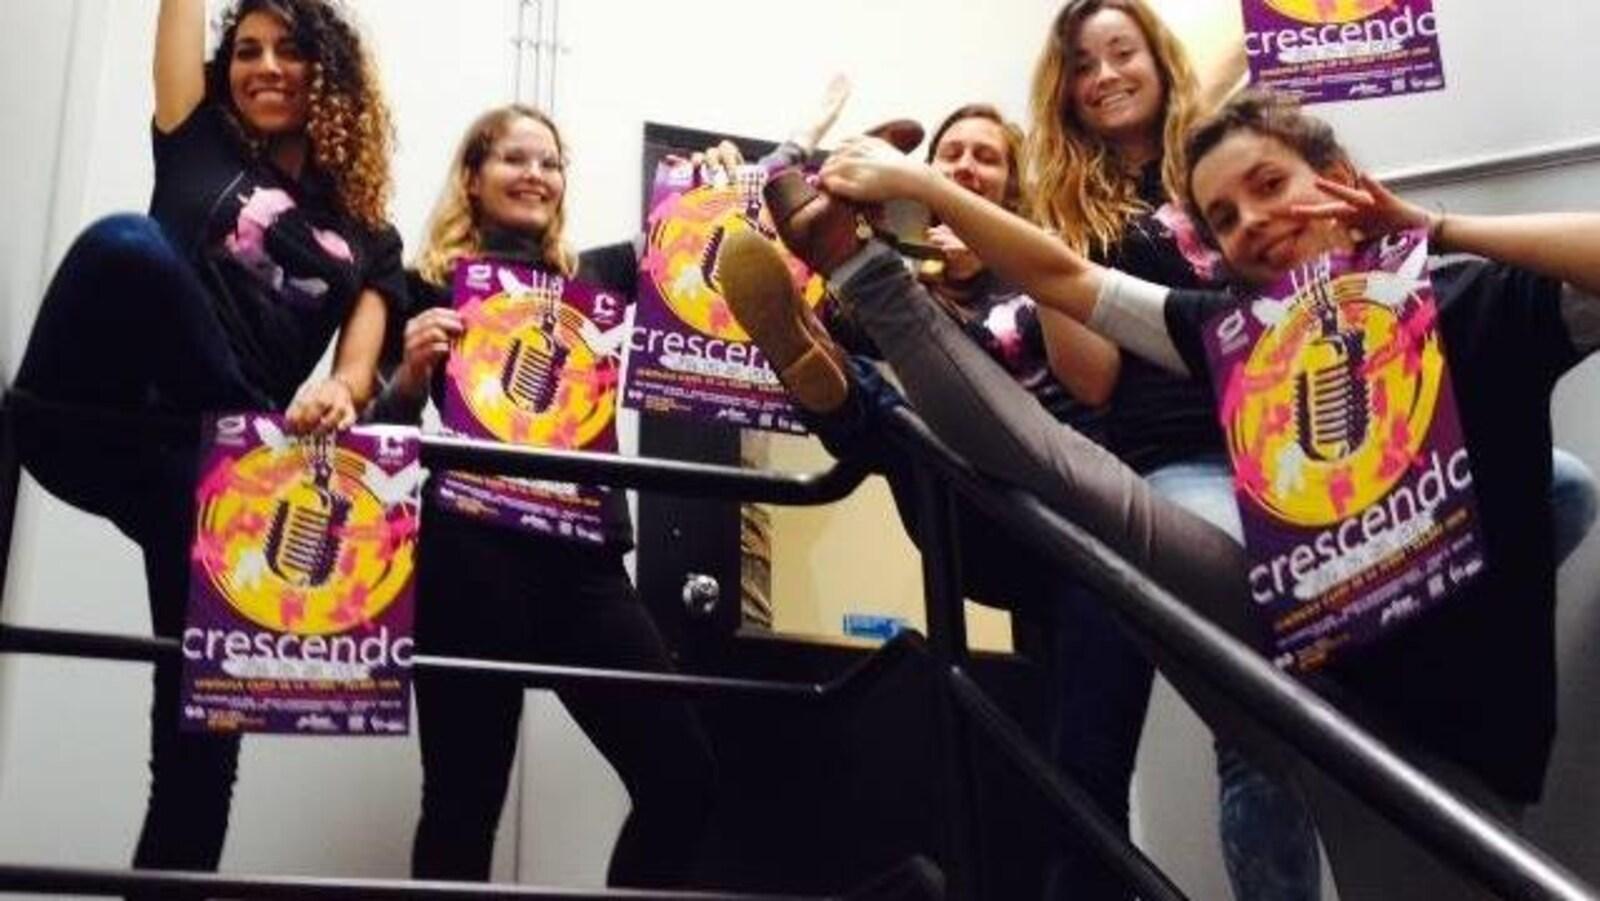 Les jeunes talents artistiques francophones de la province au spectacle « Crescendo »